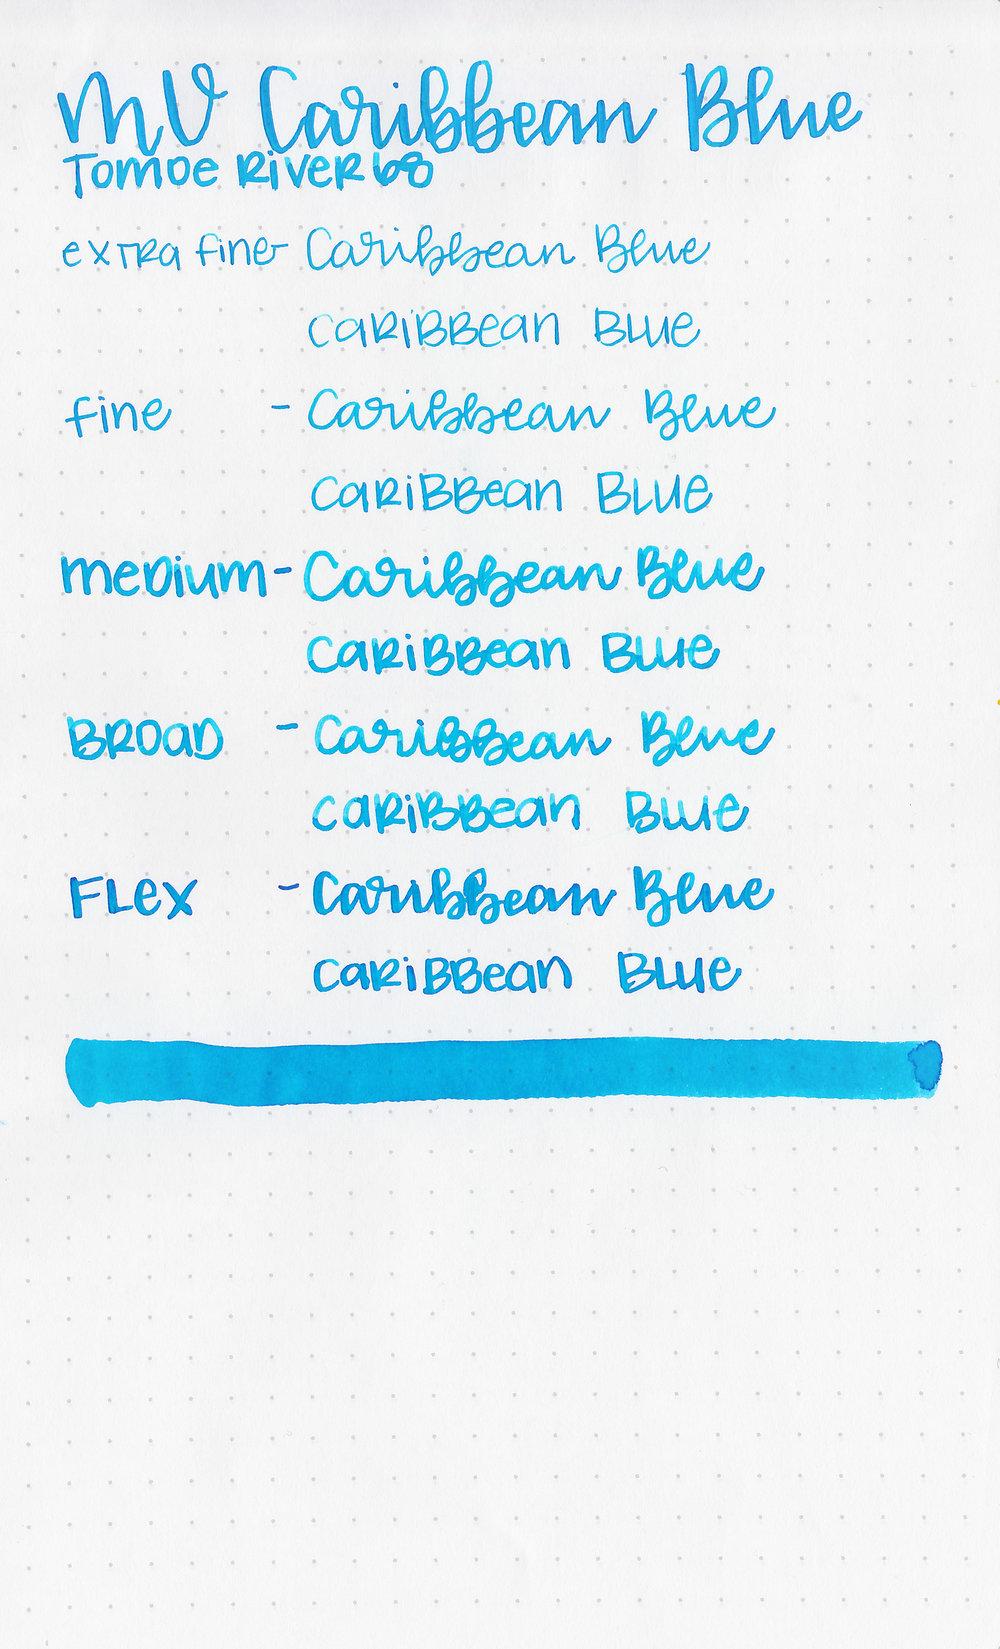 mv-caribbean-blue-7.jpg